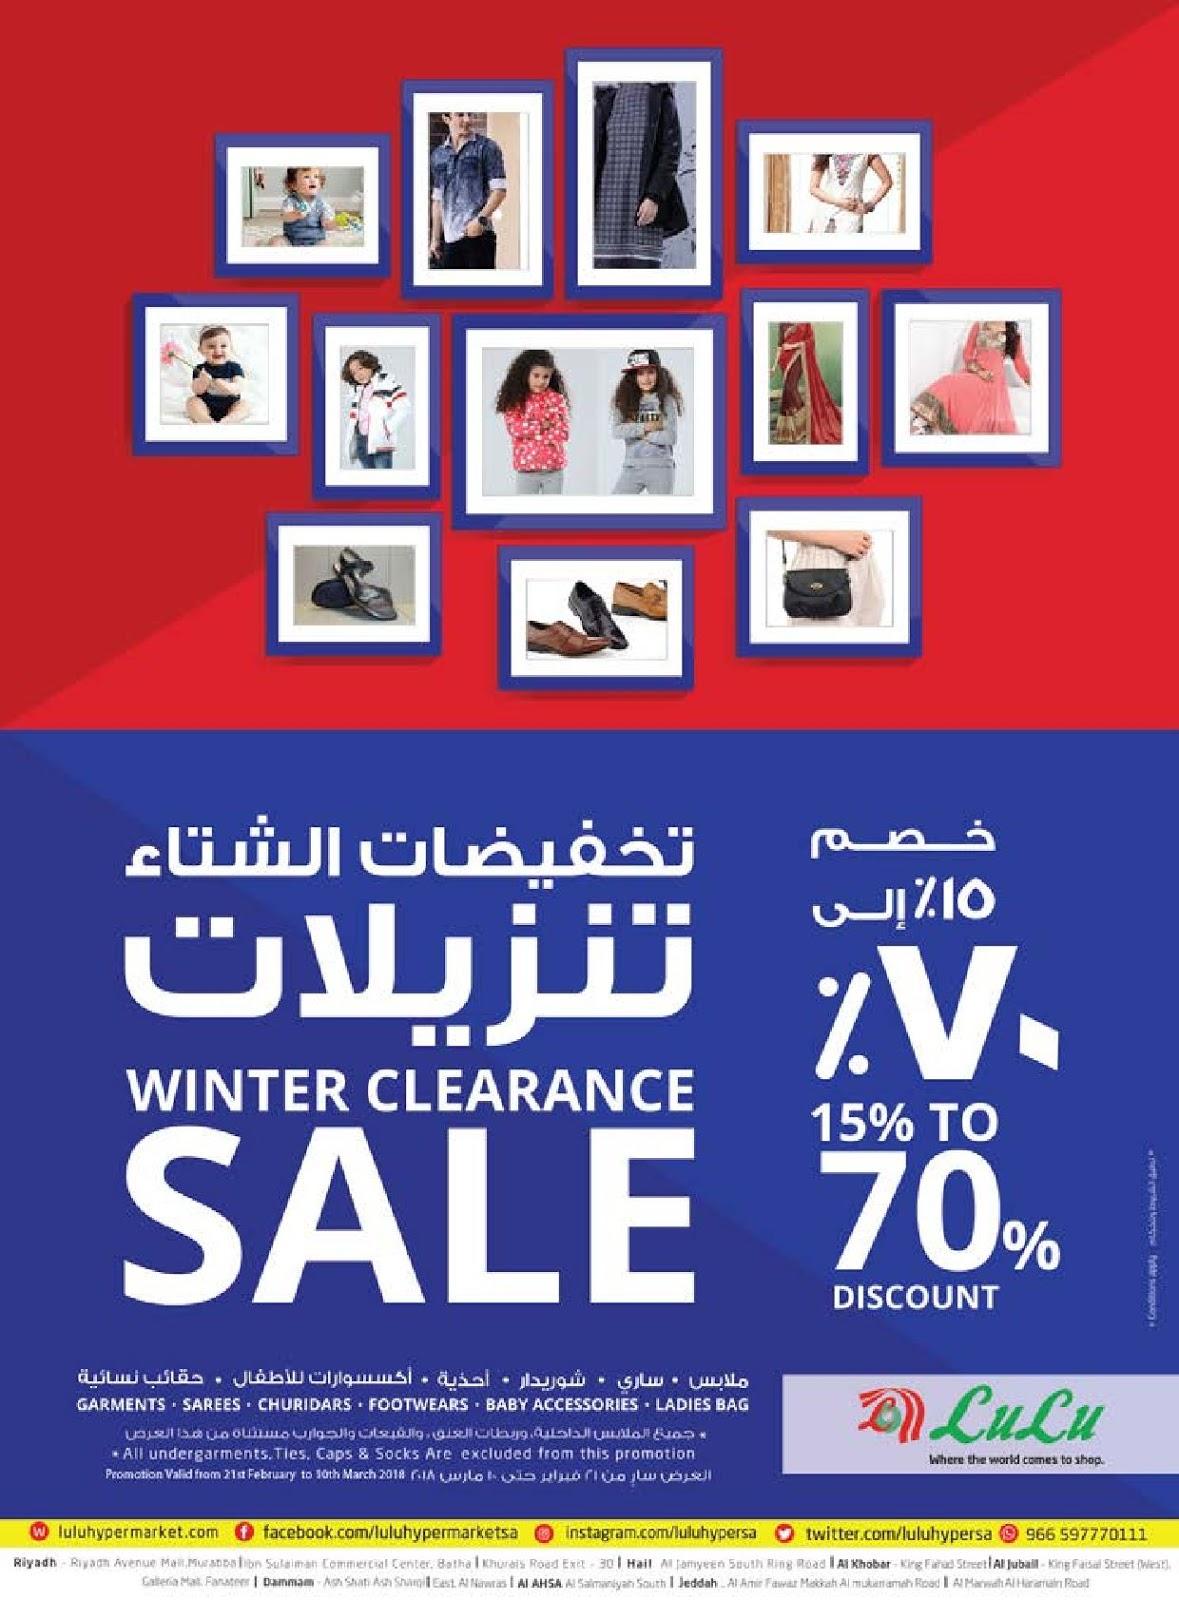 عروض لولو الرياض الاسبوعية من 7 مارس حتى 13 مارس 2018